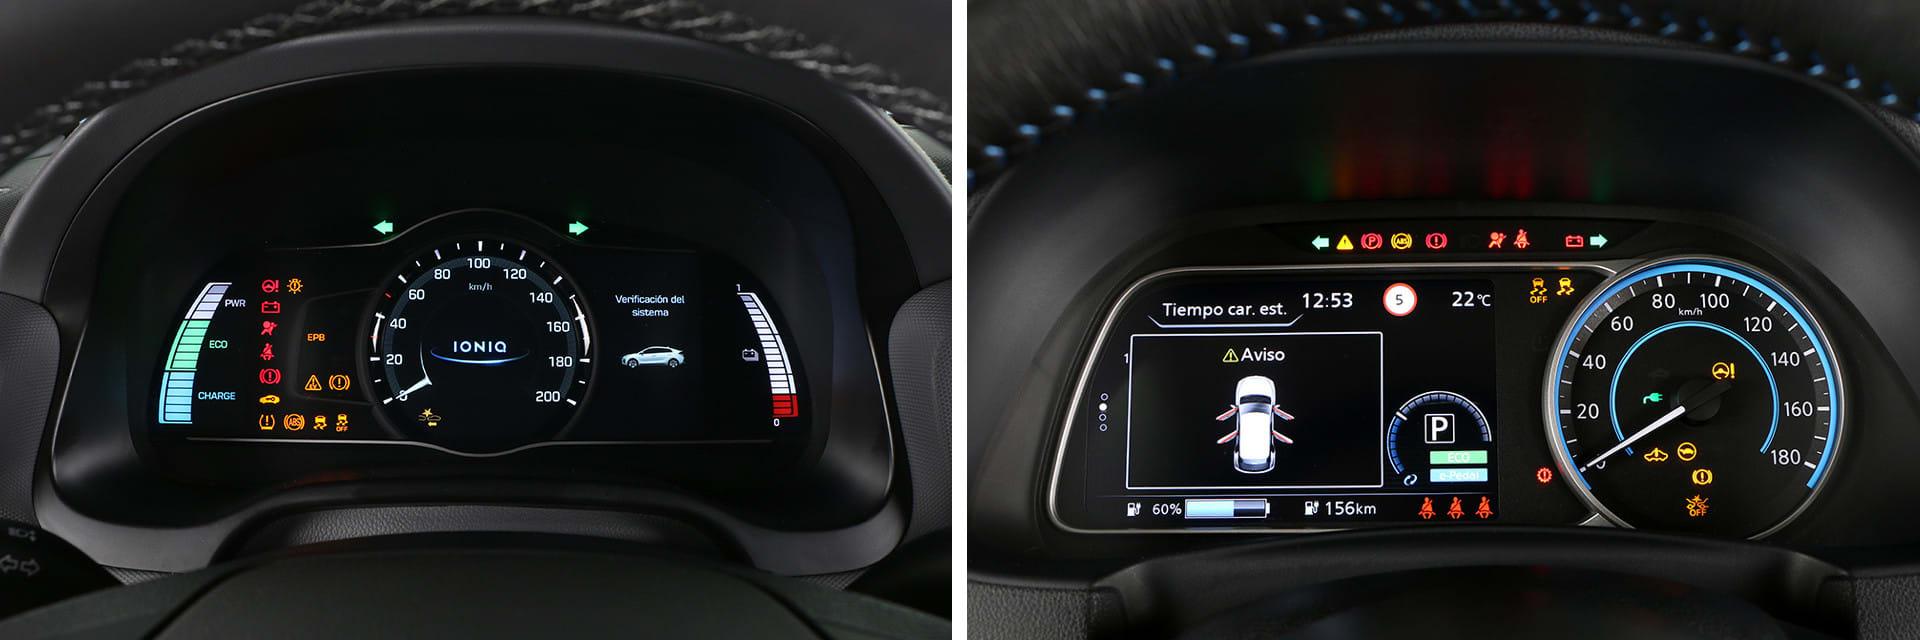 Ambos cuadros de instrumentos están formados por un indicador tradicional y una pantalla de siete pulgadas.